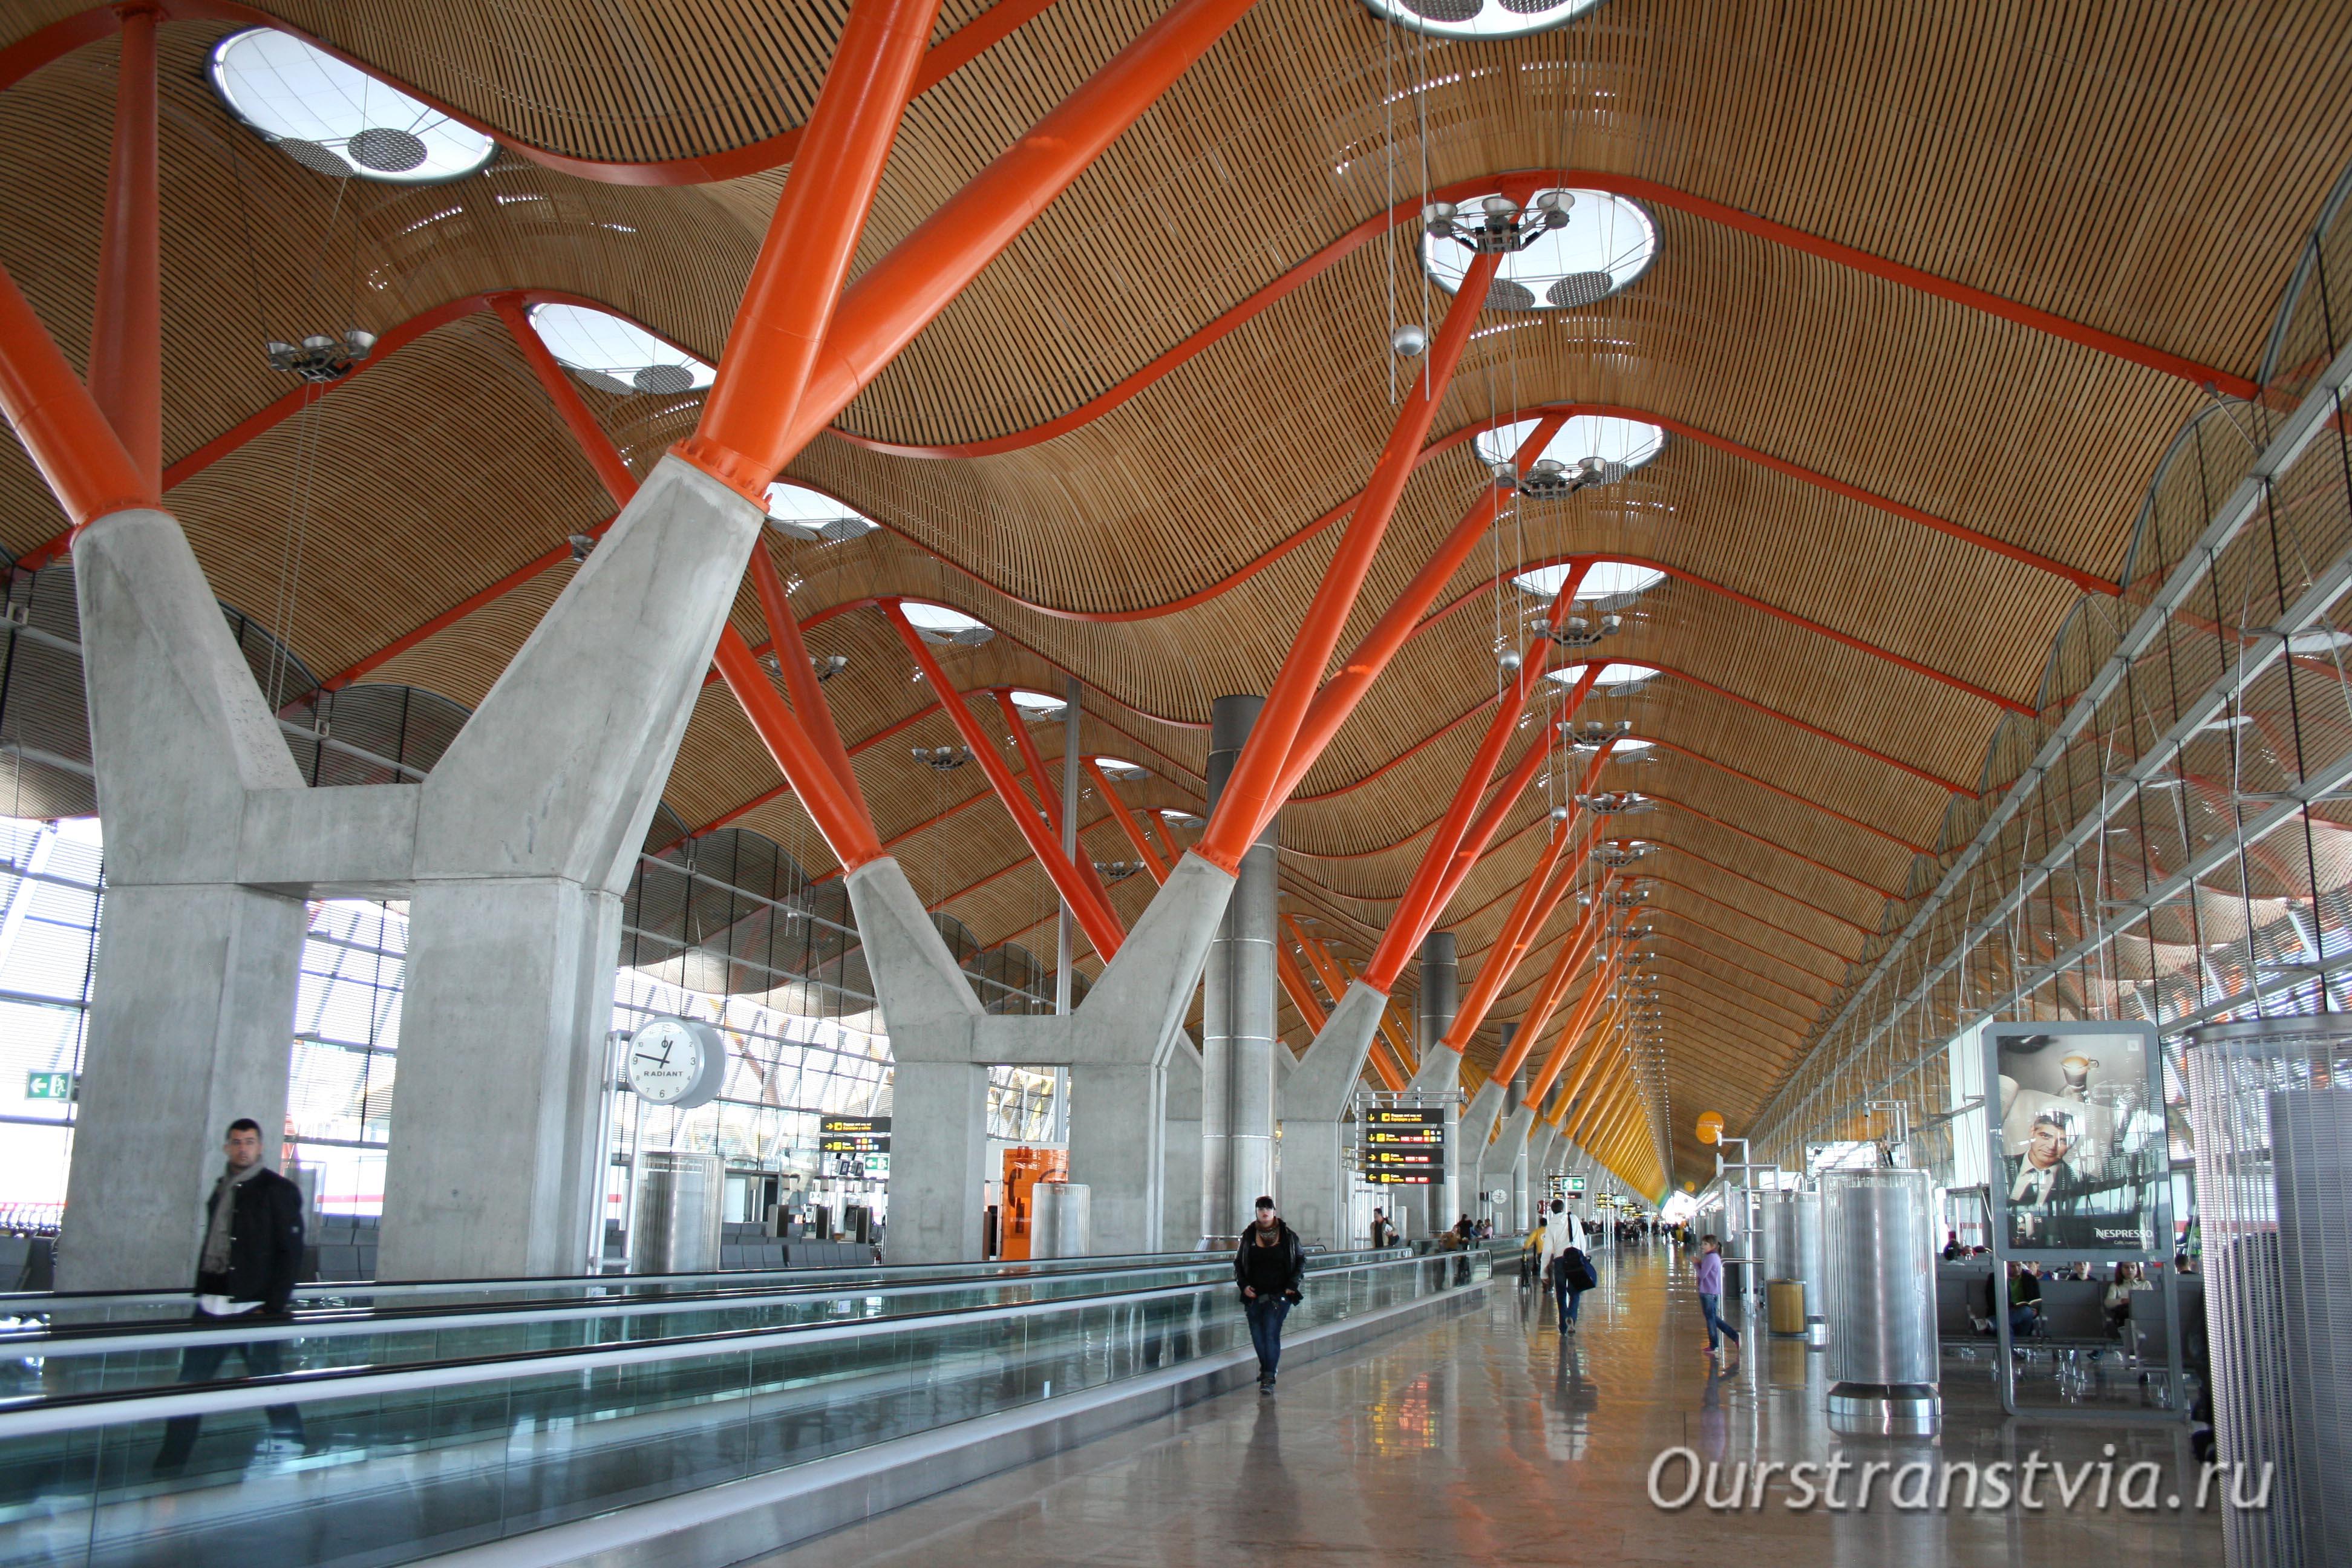 Аэропорт Мадрида, Терминал 4